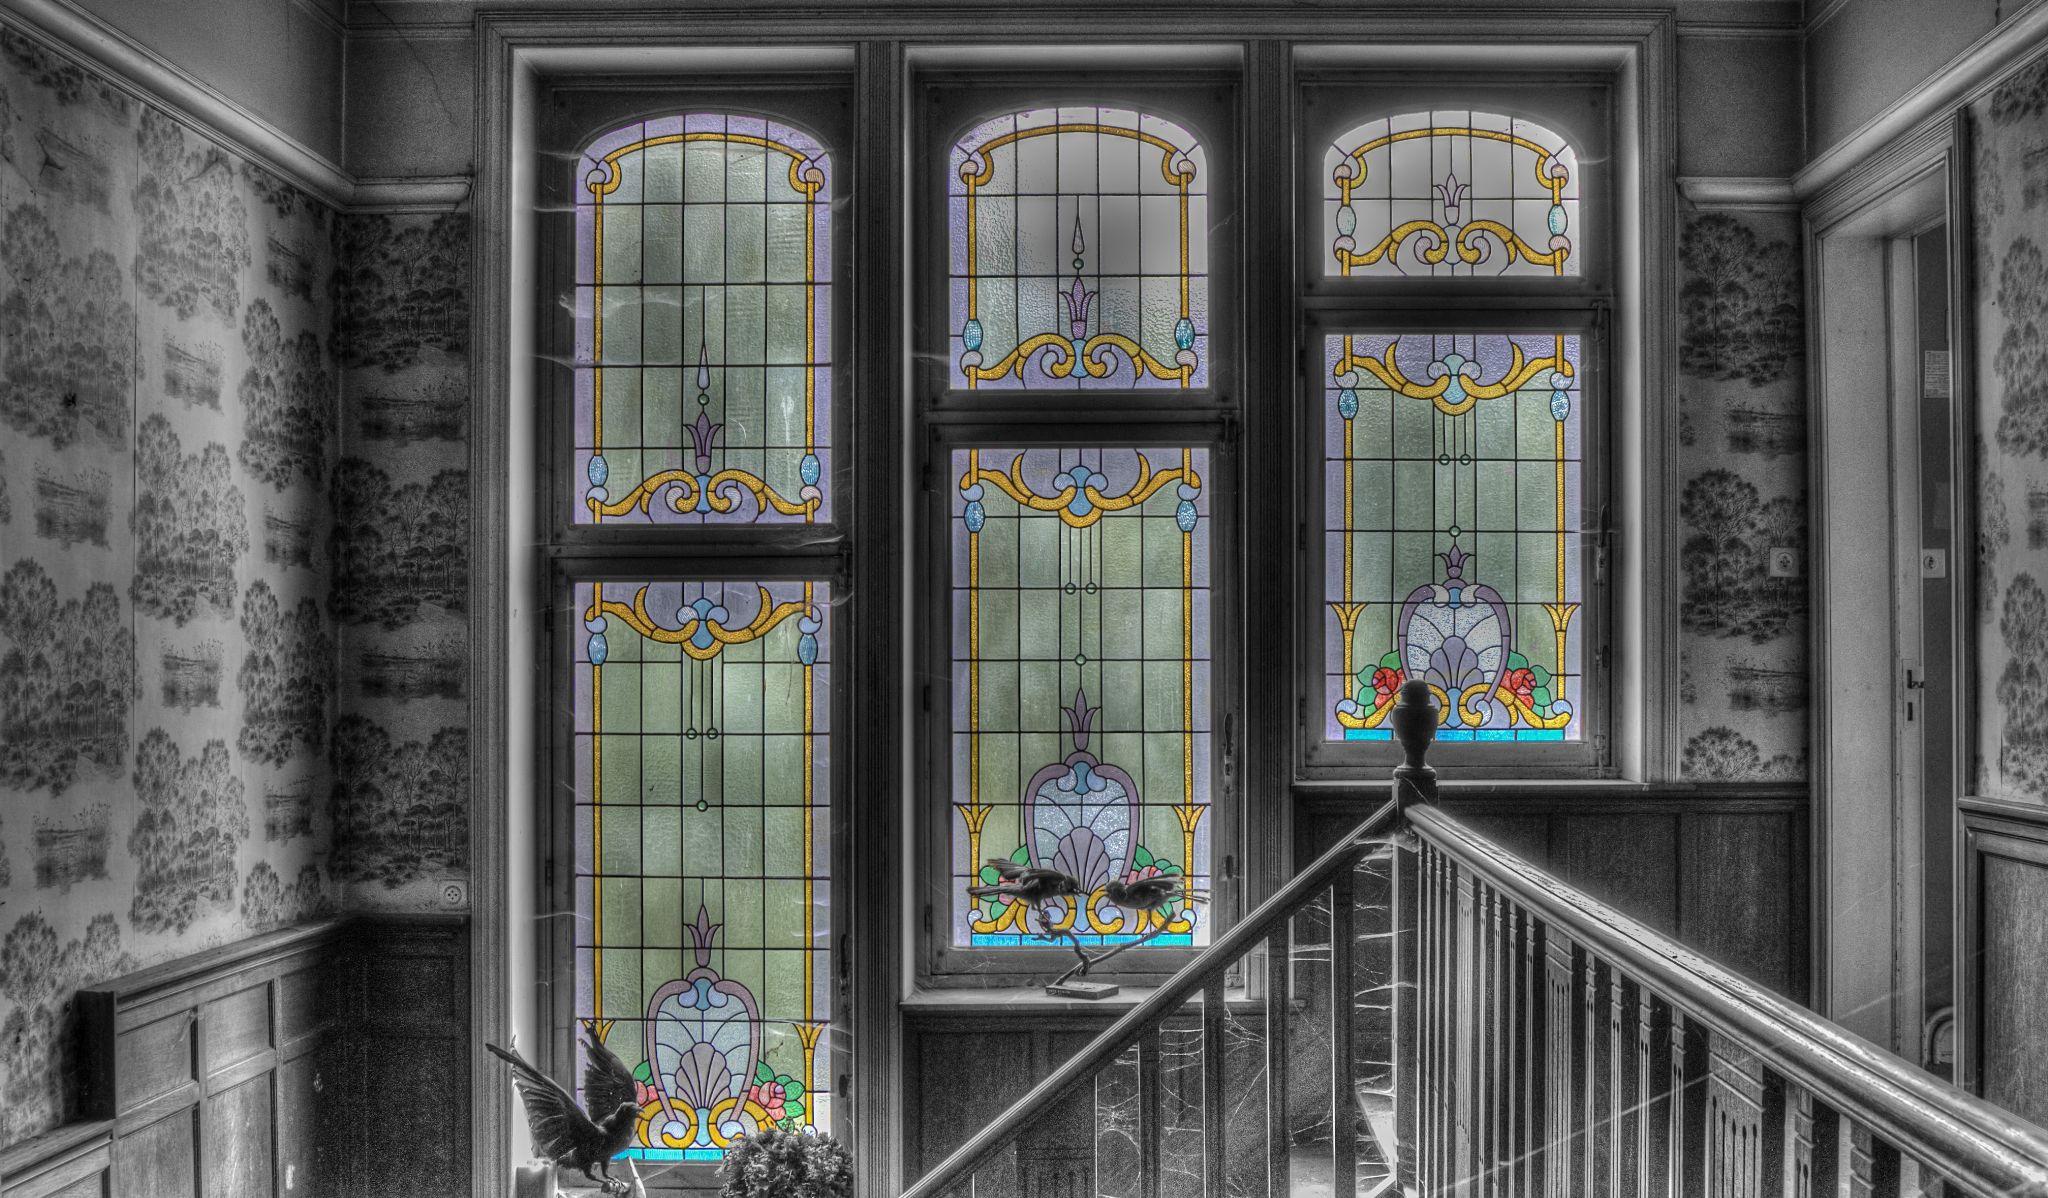 Windows by Joël Arys